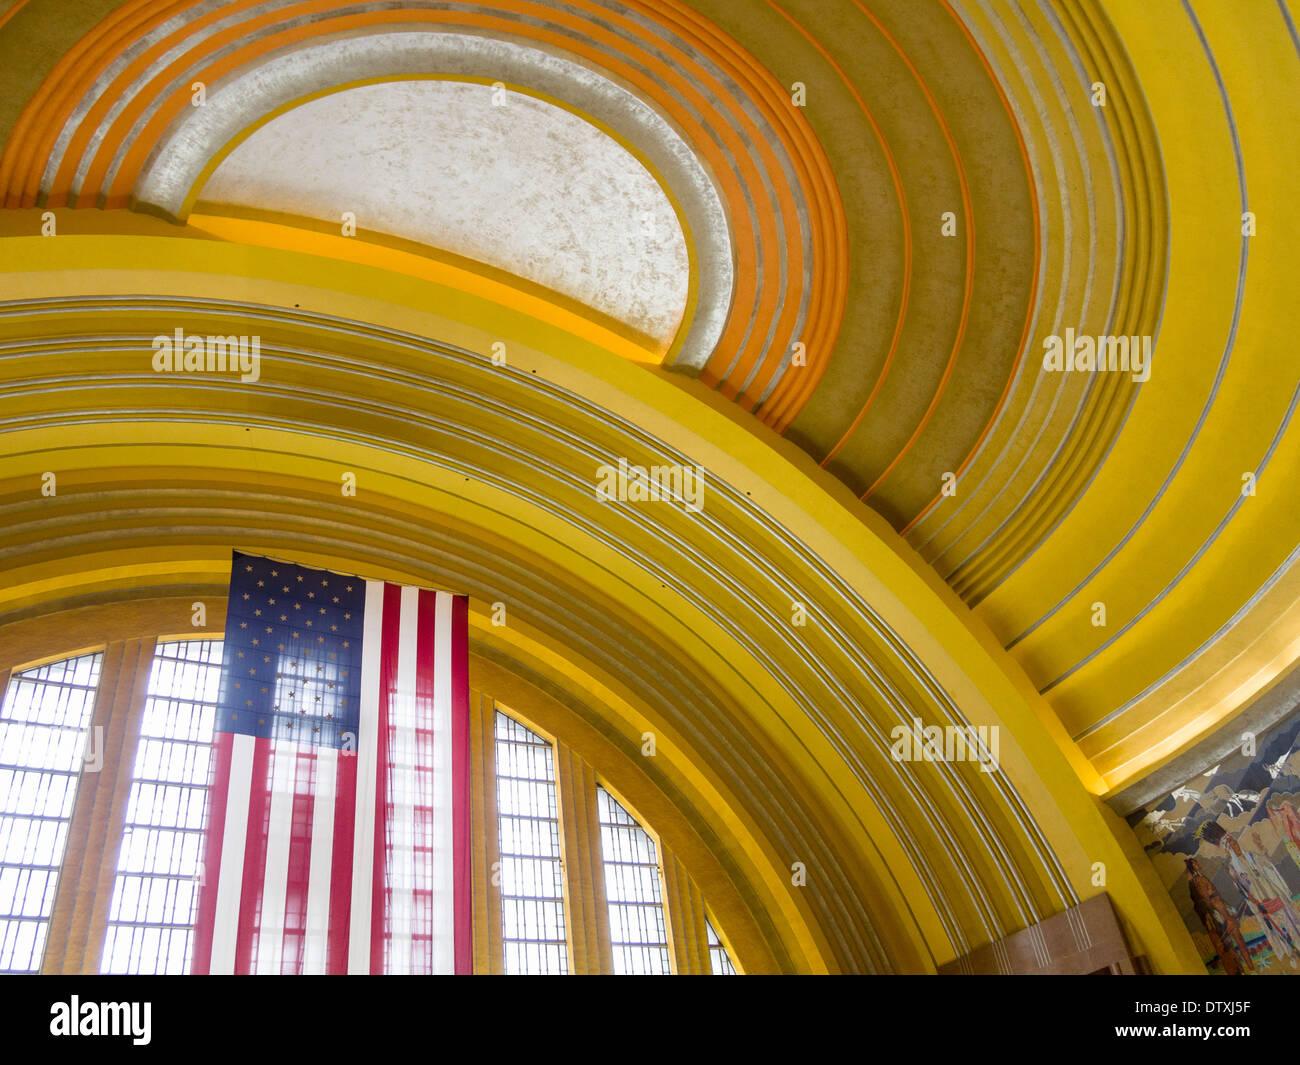 Plafond et Drapeau dans l'Union Terminal. L'intersection des cercles jaunes fournissent le cadre conçu pour un énorme drapeau Américain Photo Stock